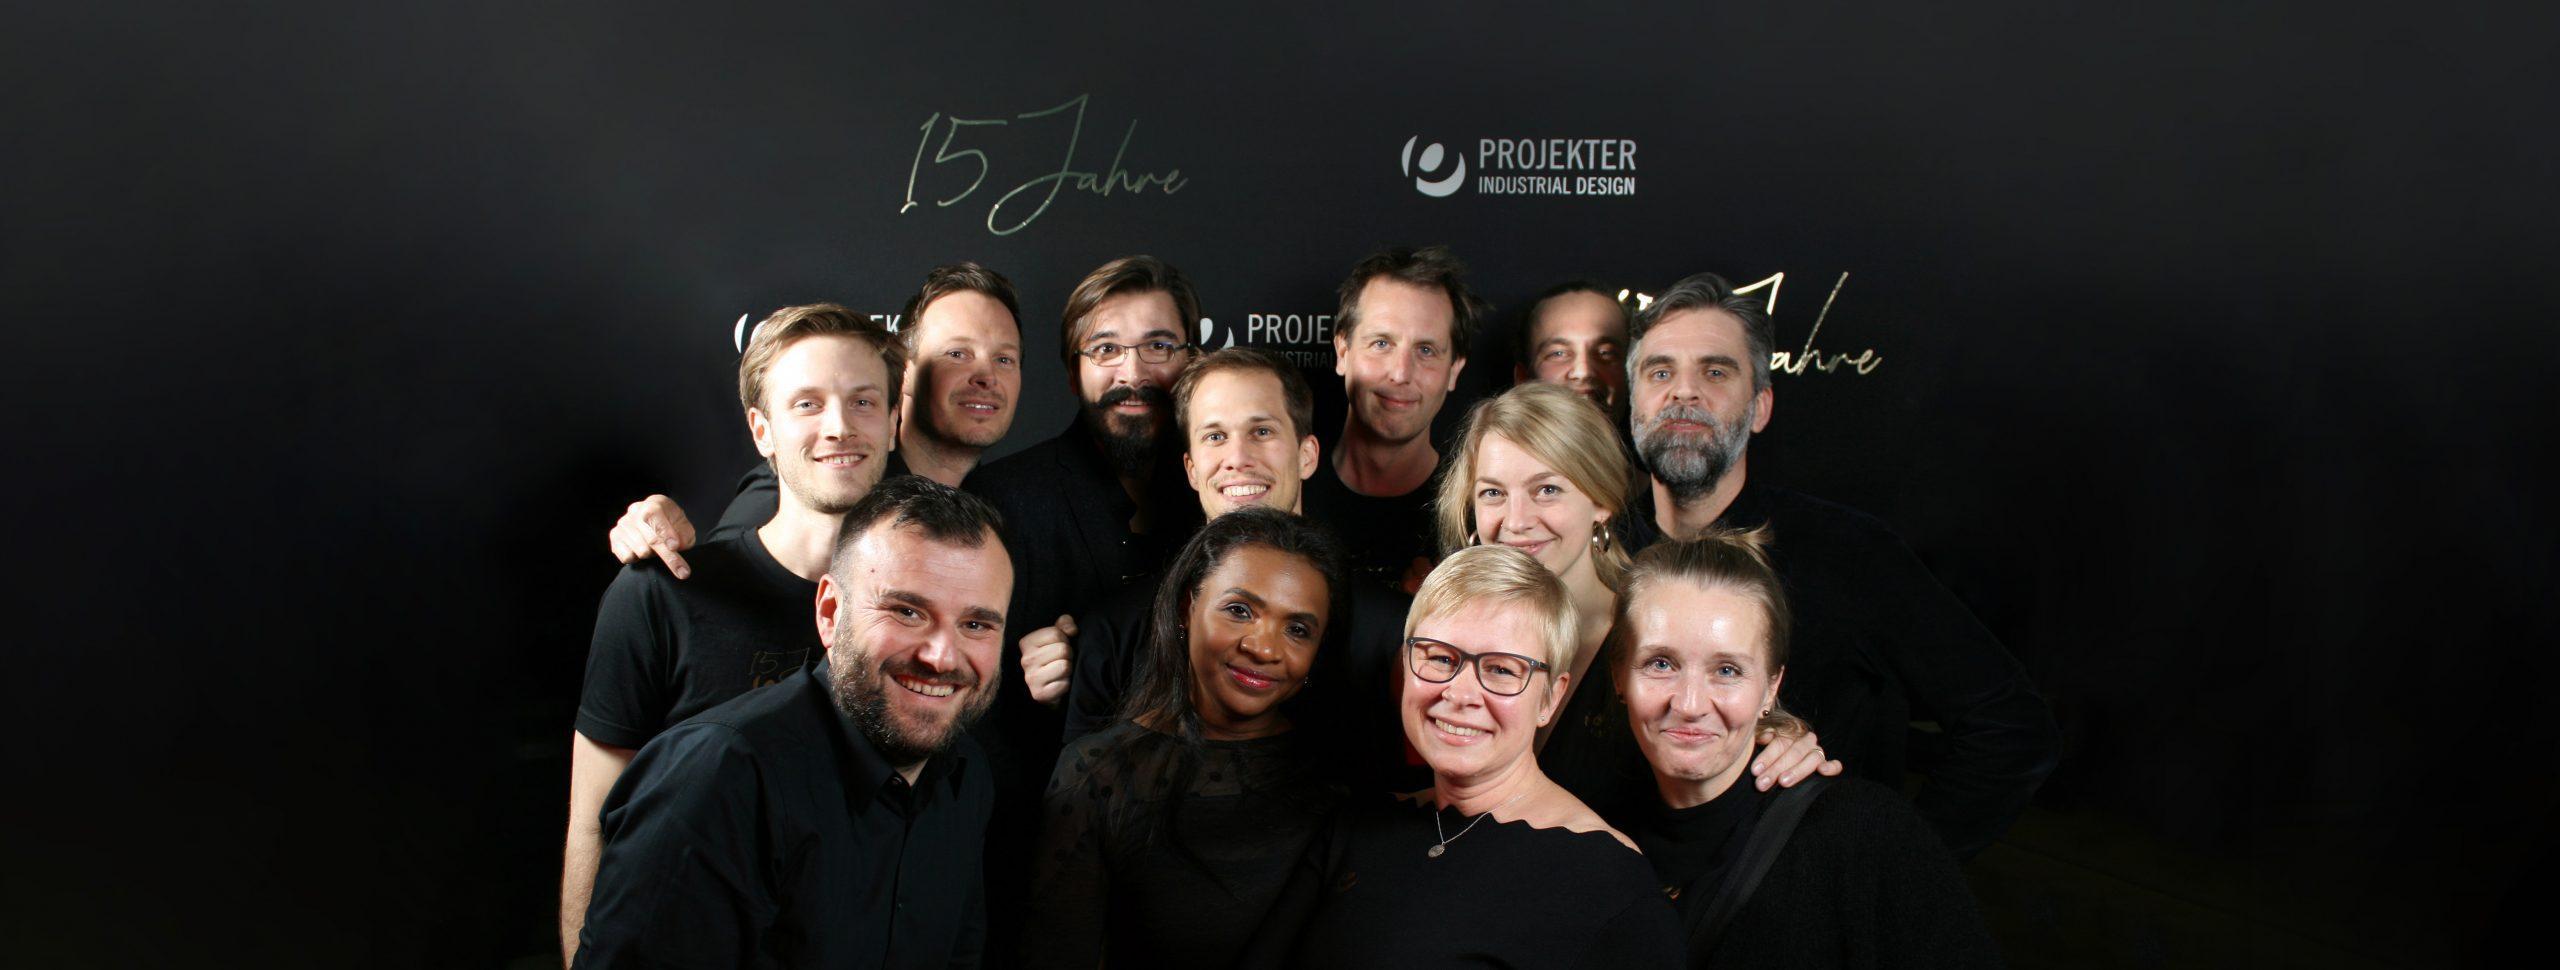 Projekter_Fame_Wall_slider